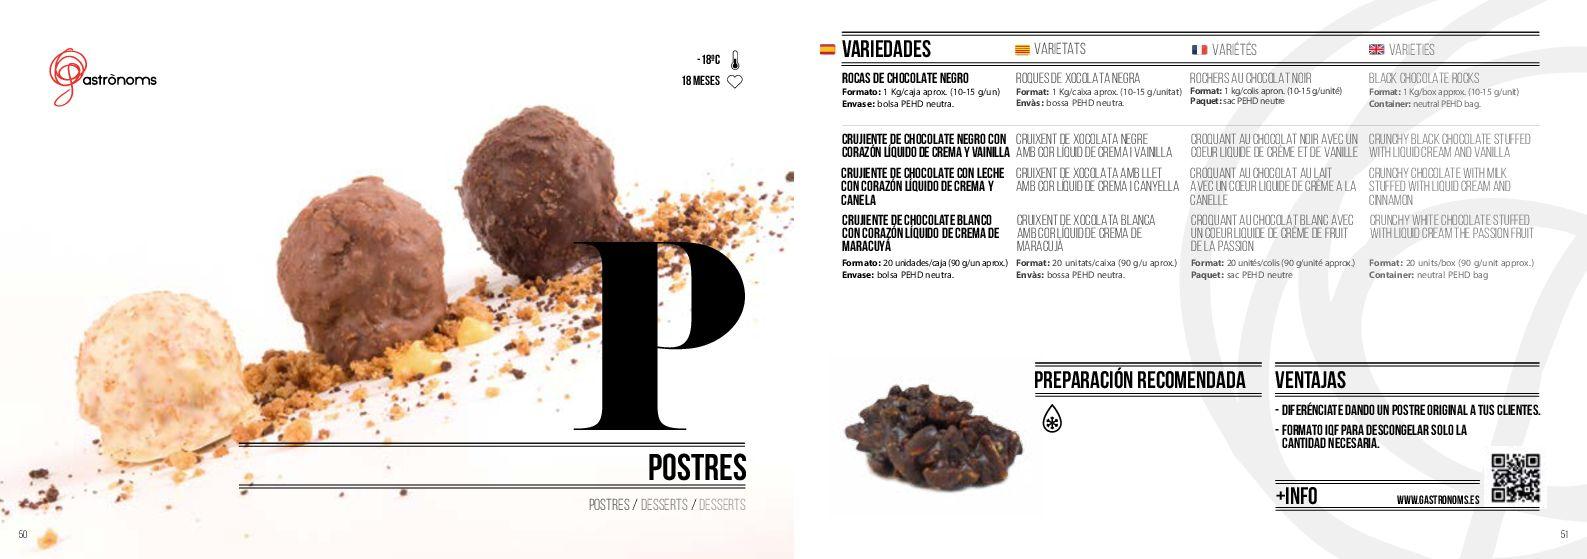 gastronoms - Pàg. 026